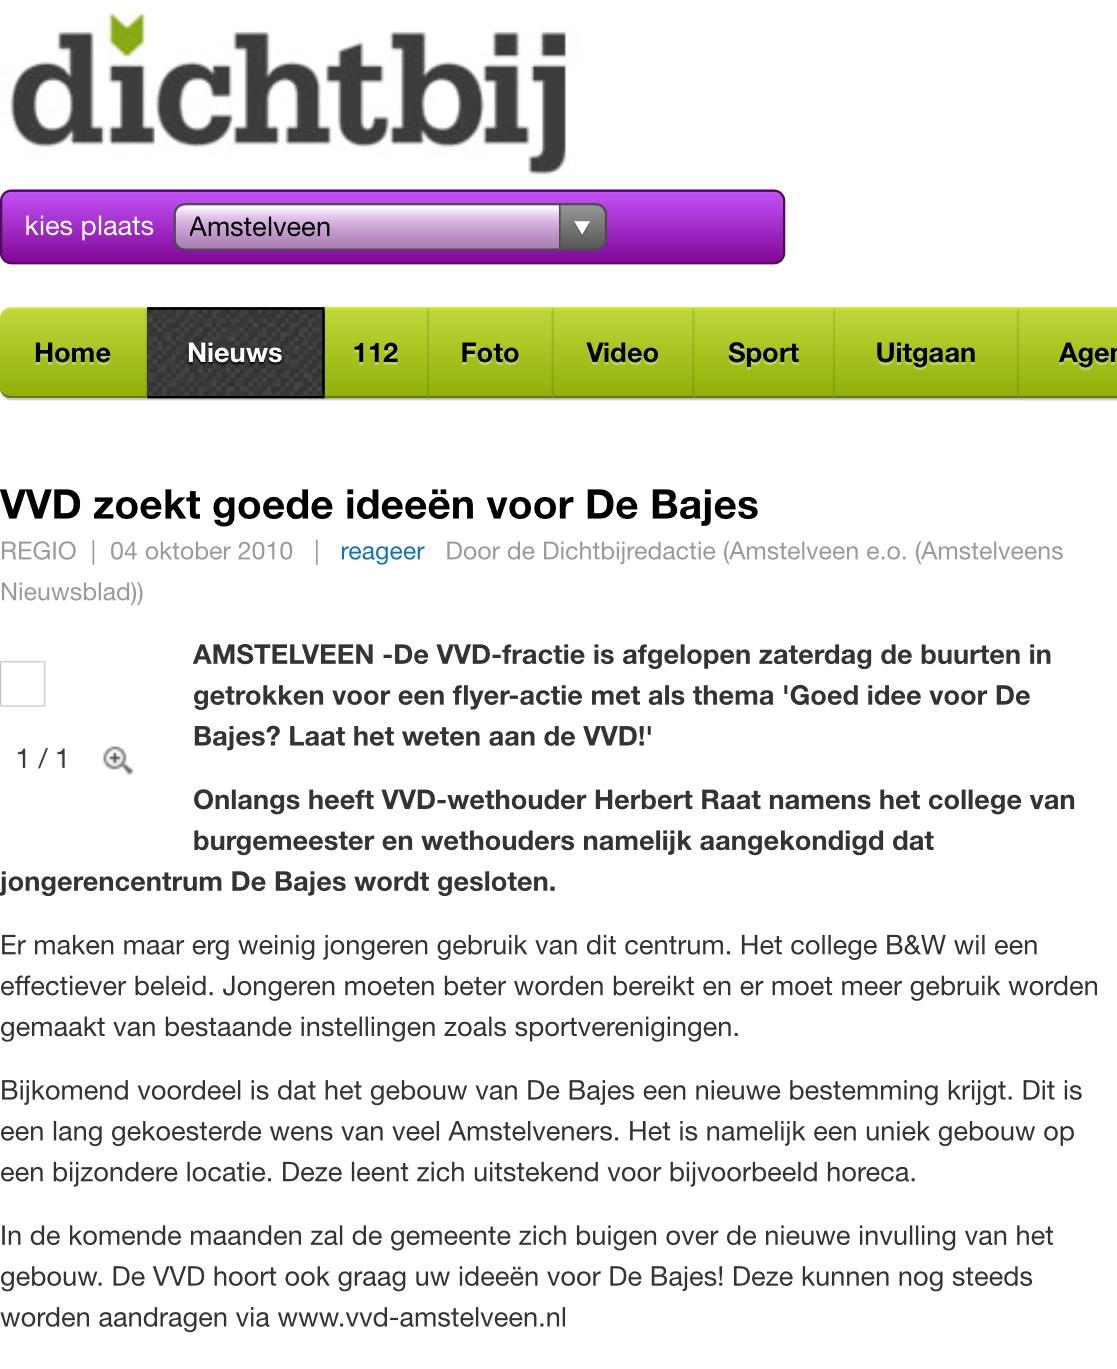 2010-4-10 Herbert Raat over nieuwe ideeën voor De Bajes in Amstelveen